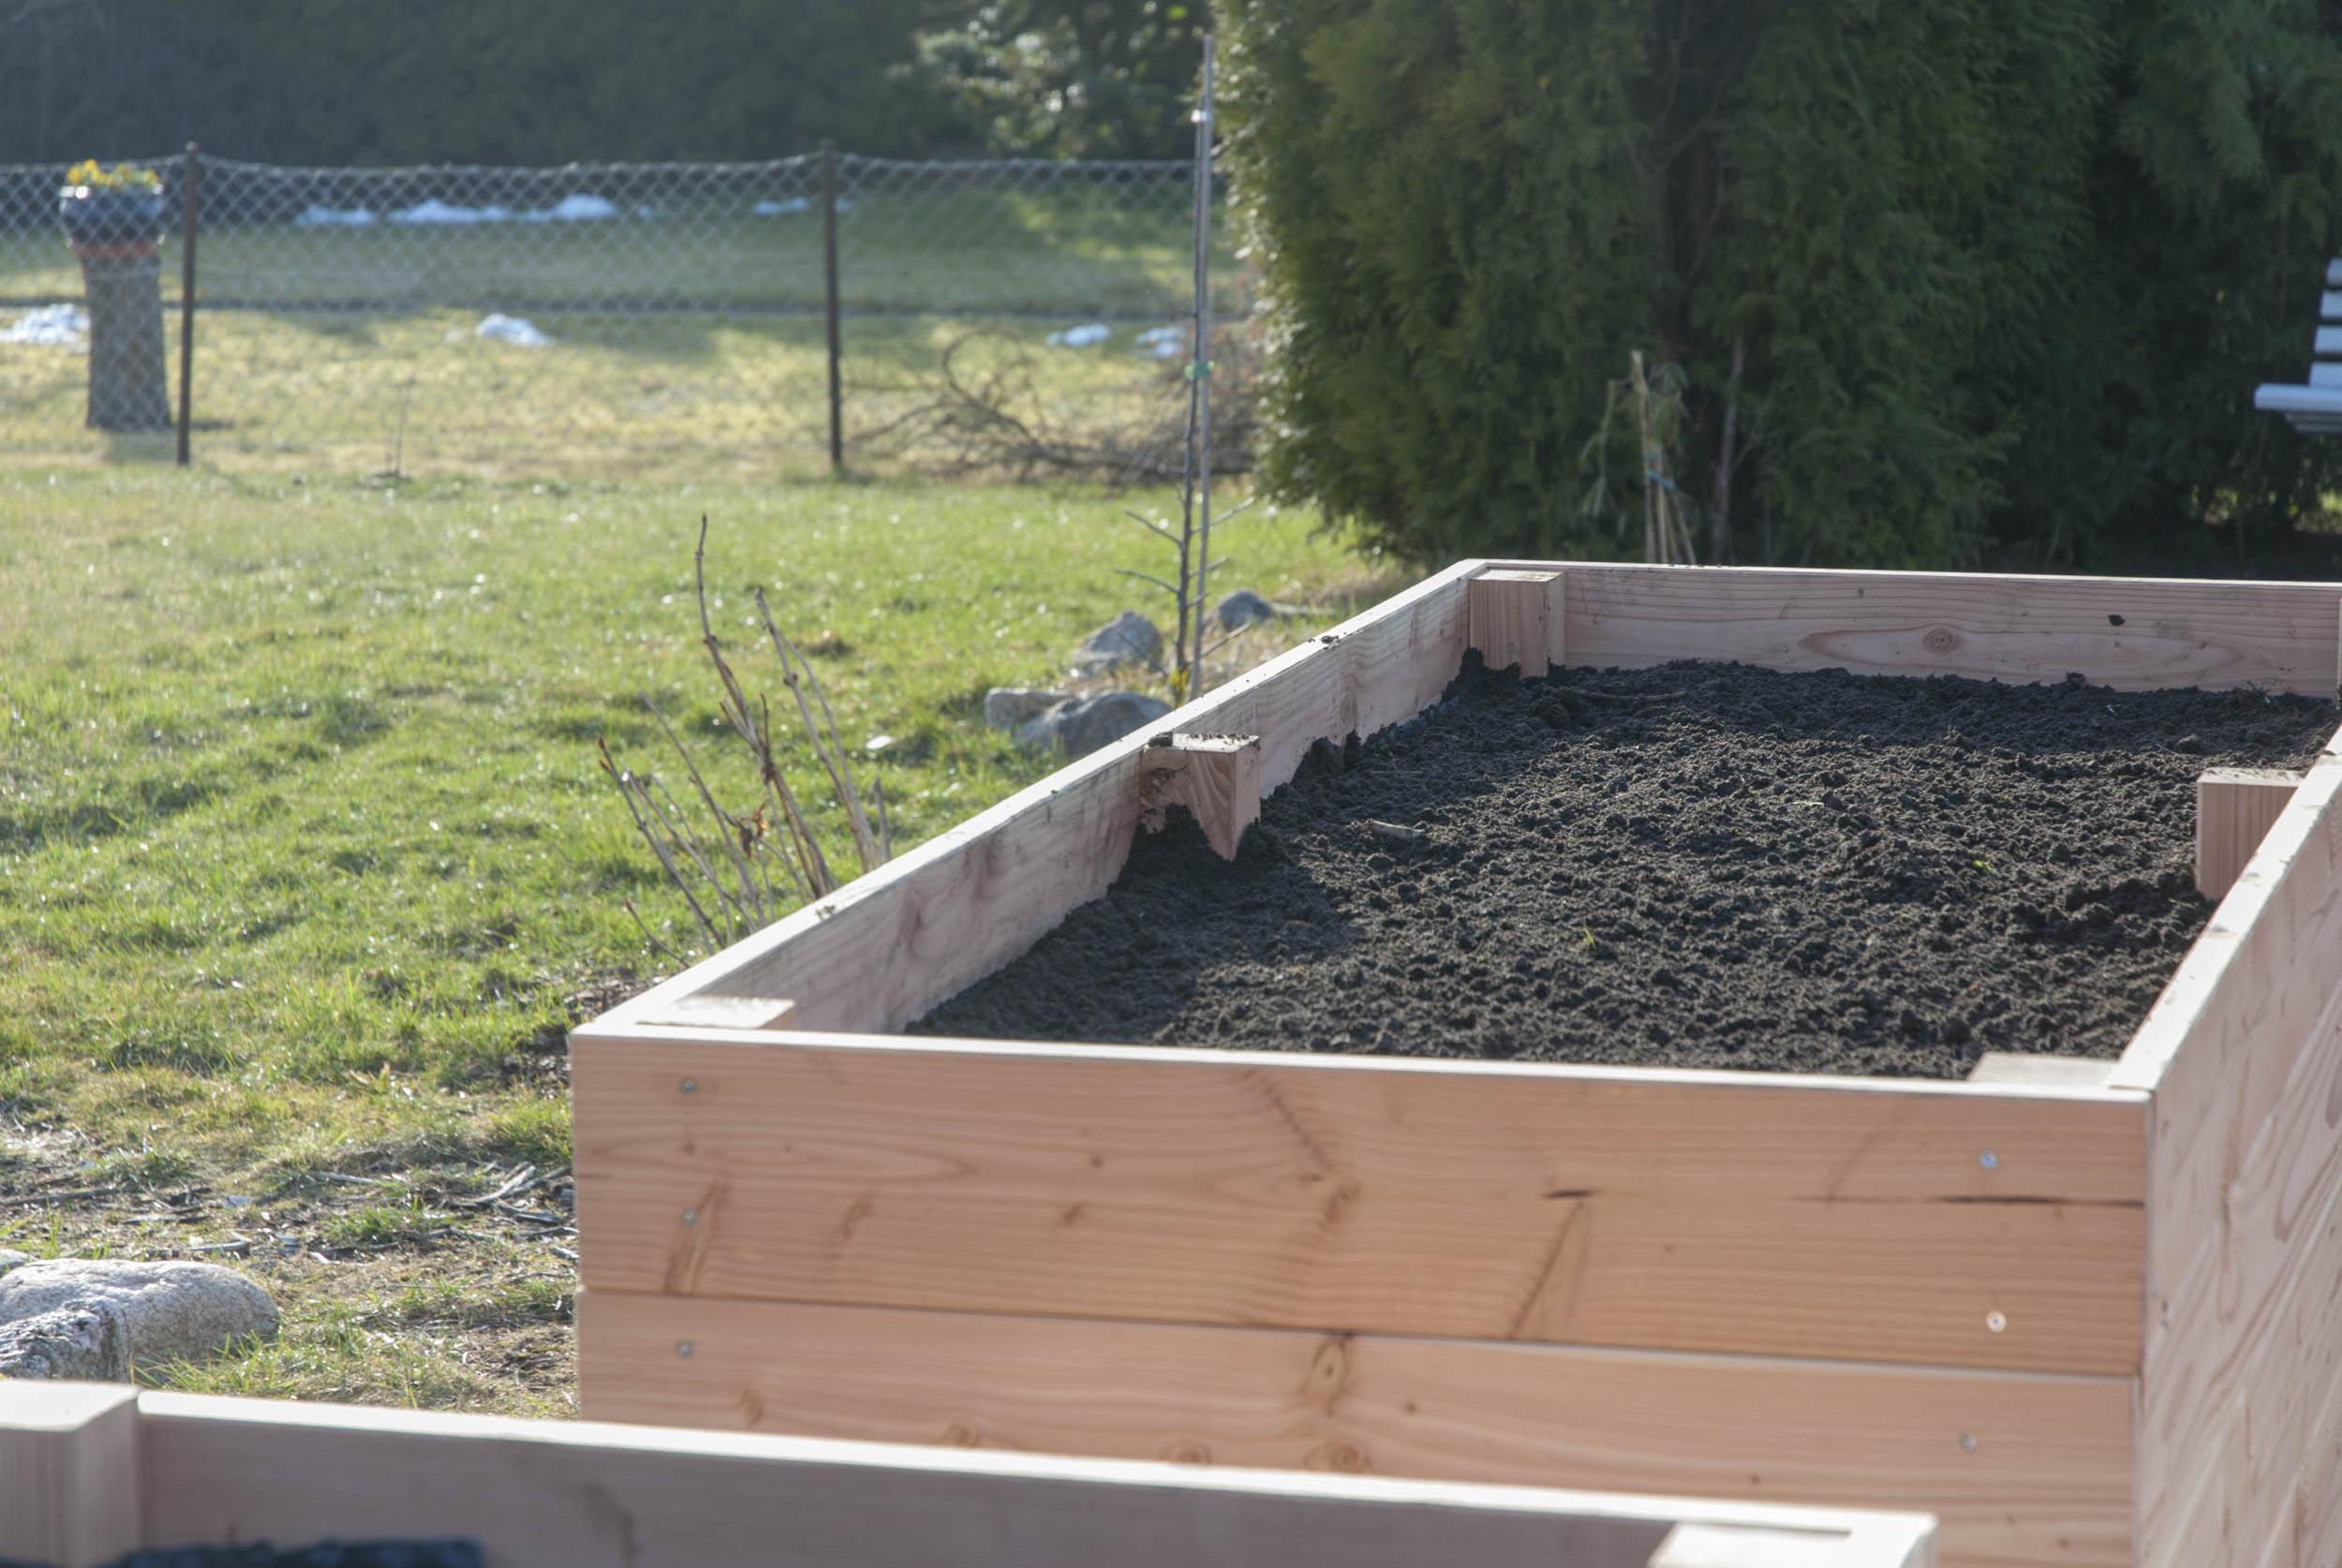 hochbeet bepflanzen tipps zur pflanzenauswahl und wie es geht. Black Bedroom Furniture Sets. Home Design Ideas